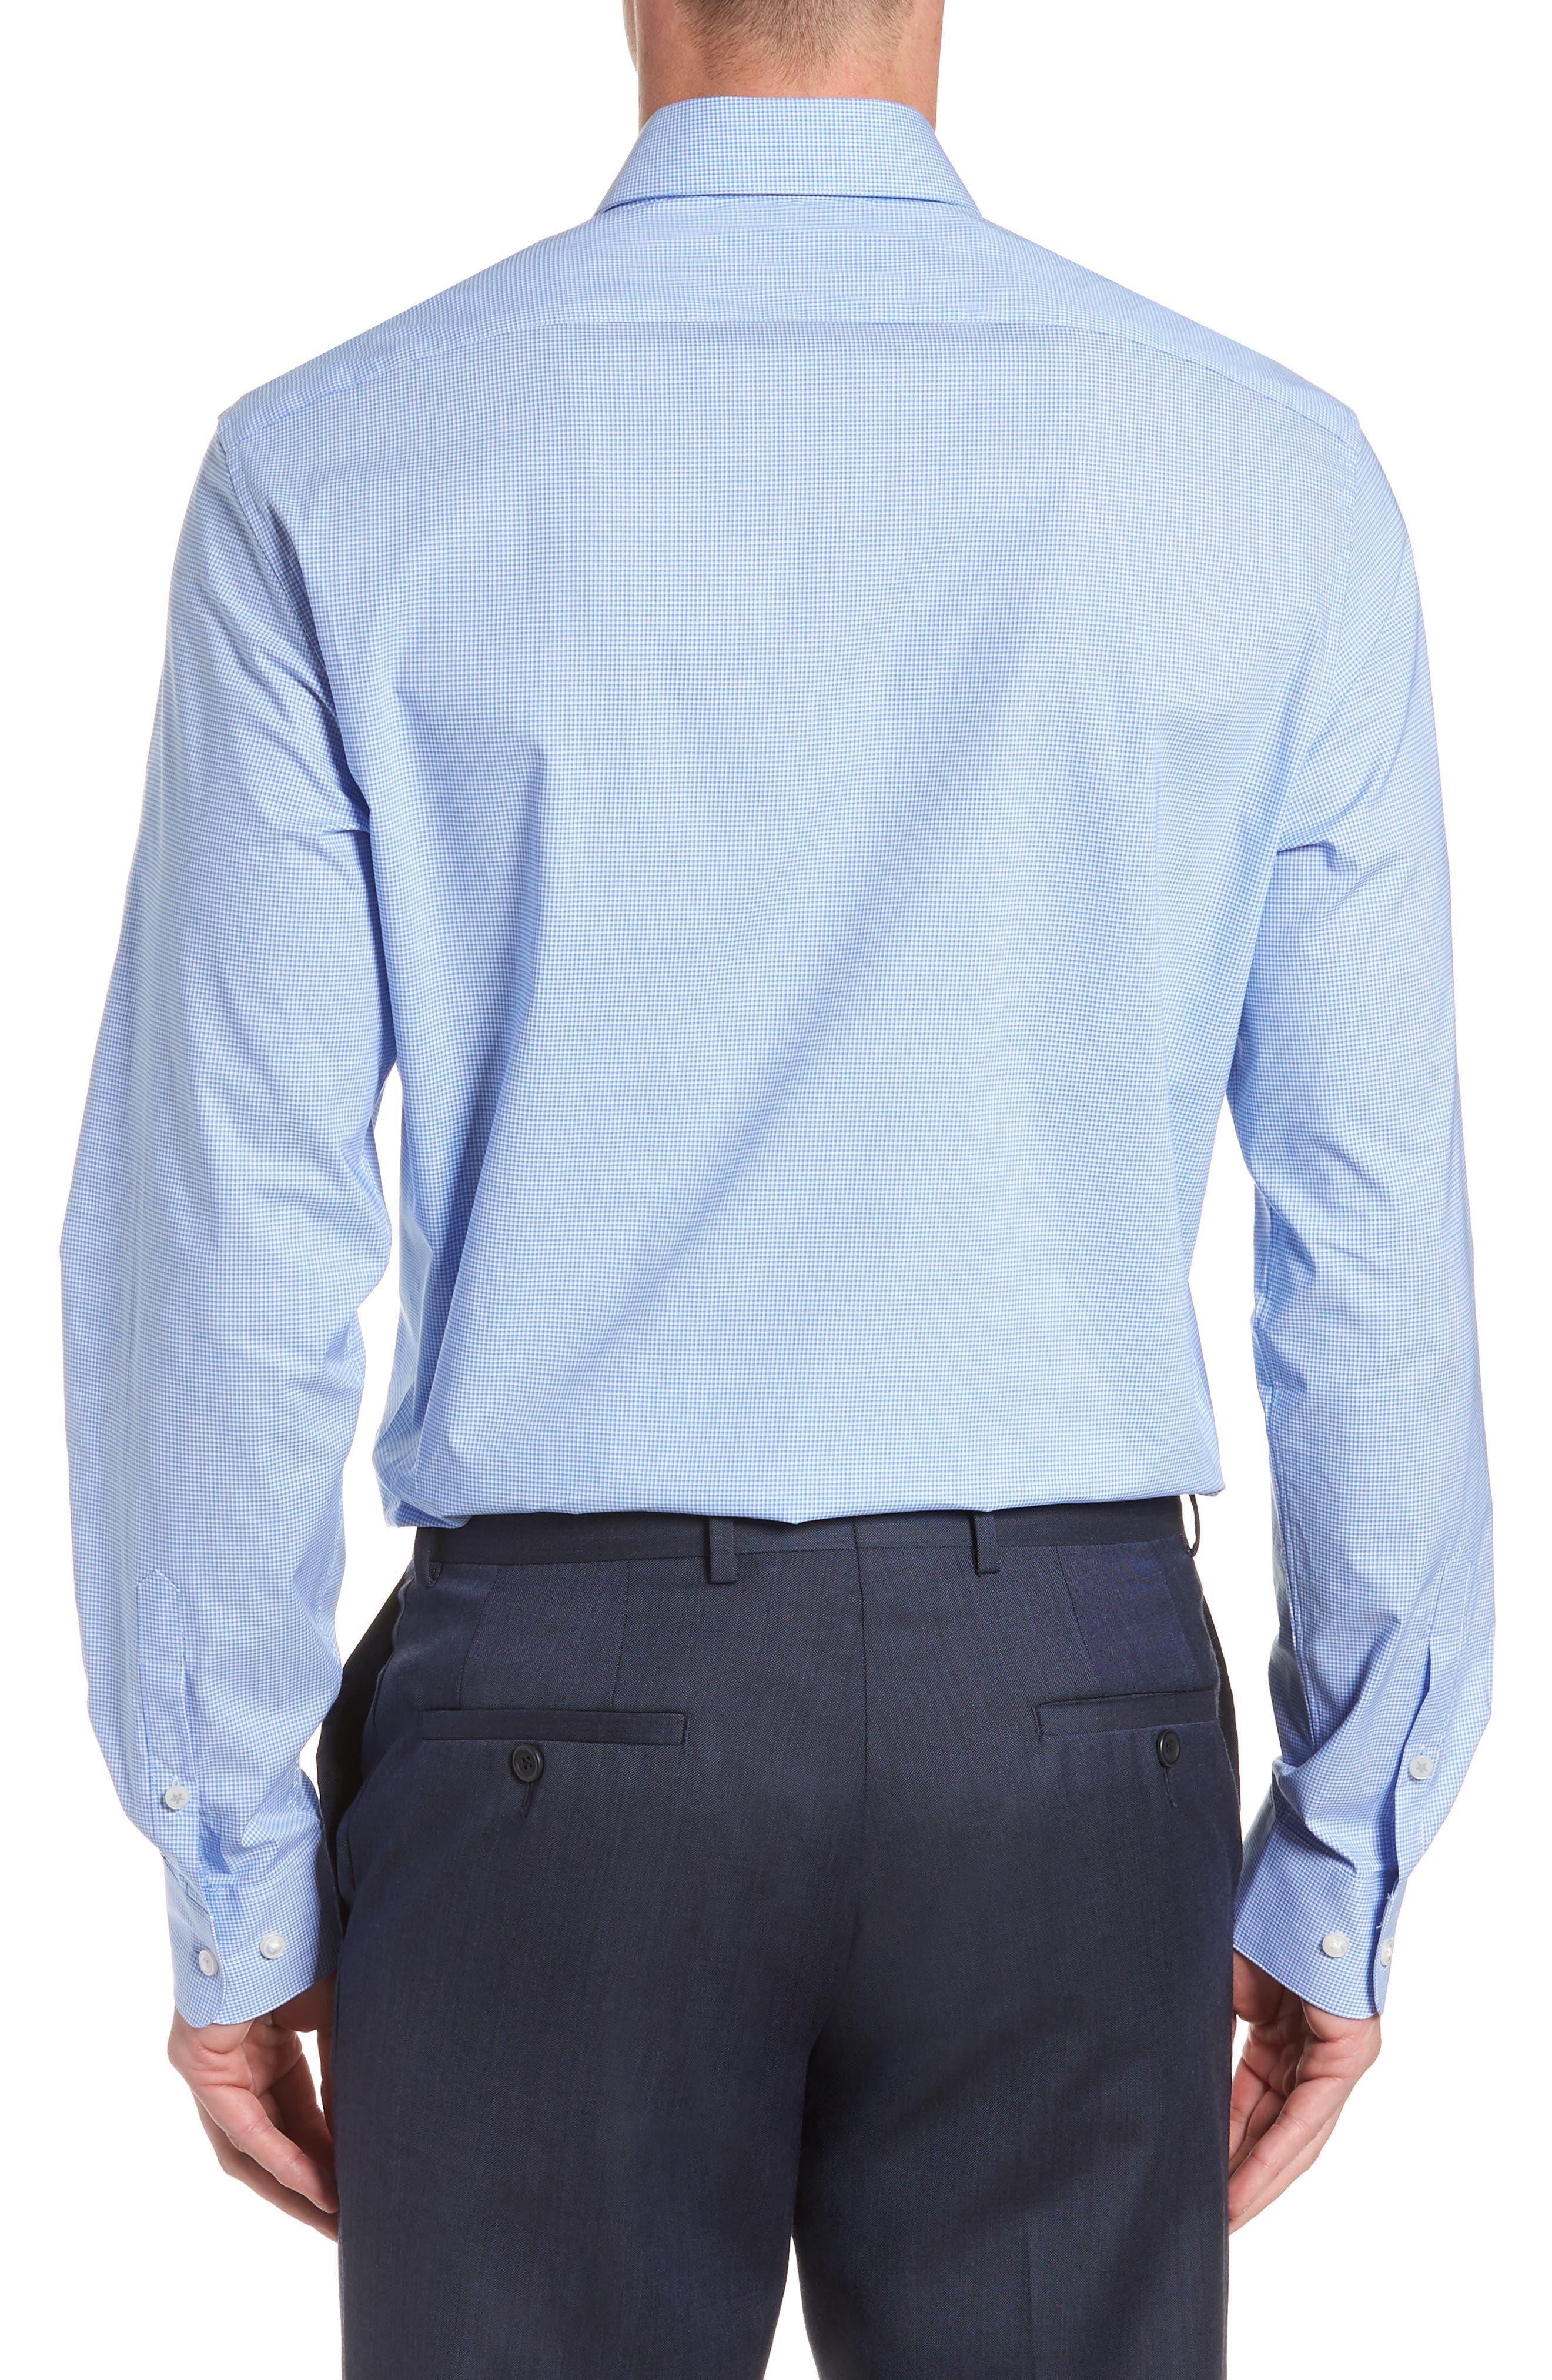 Microcheck Regular Fit Dress Shirt,                             Alternate thumbnail 3, color,                             OCEAN BLUE